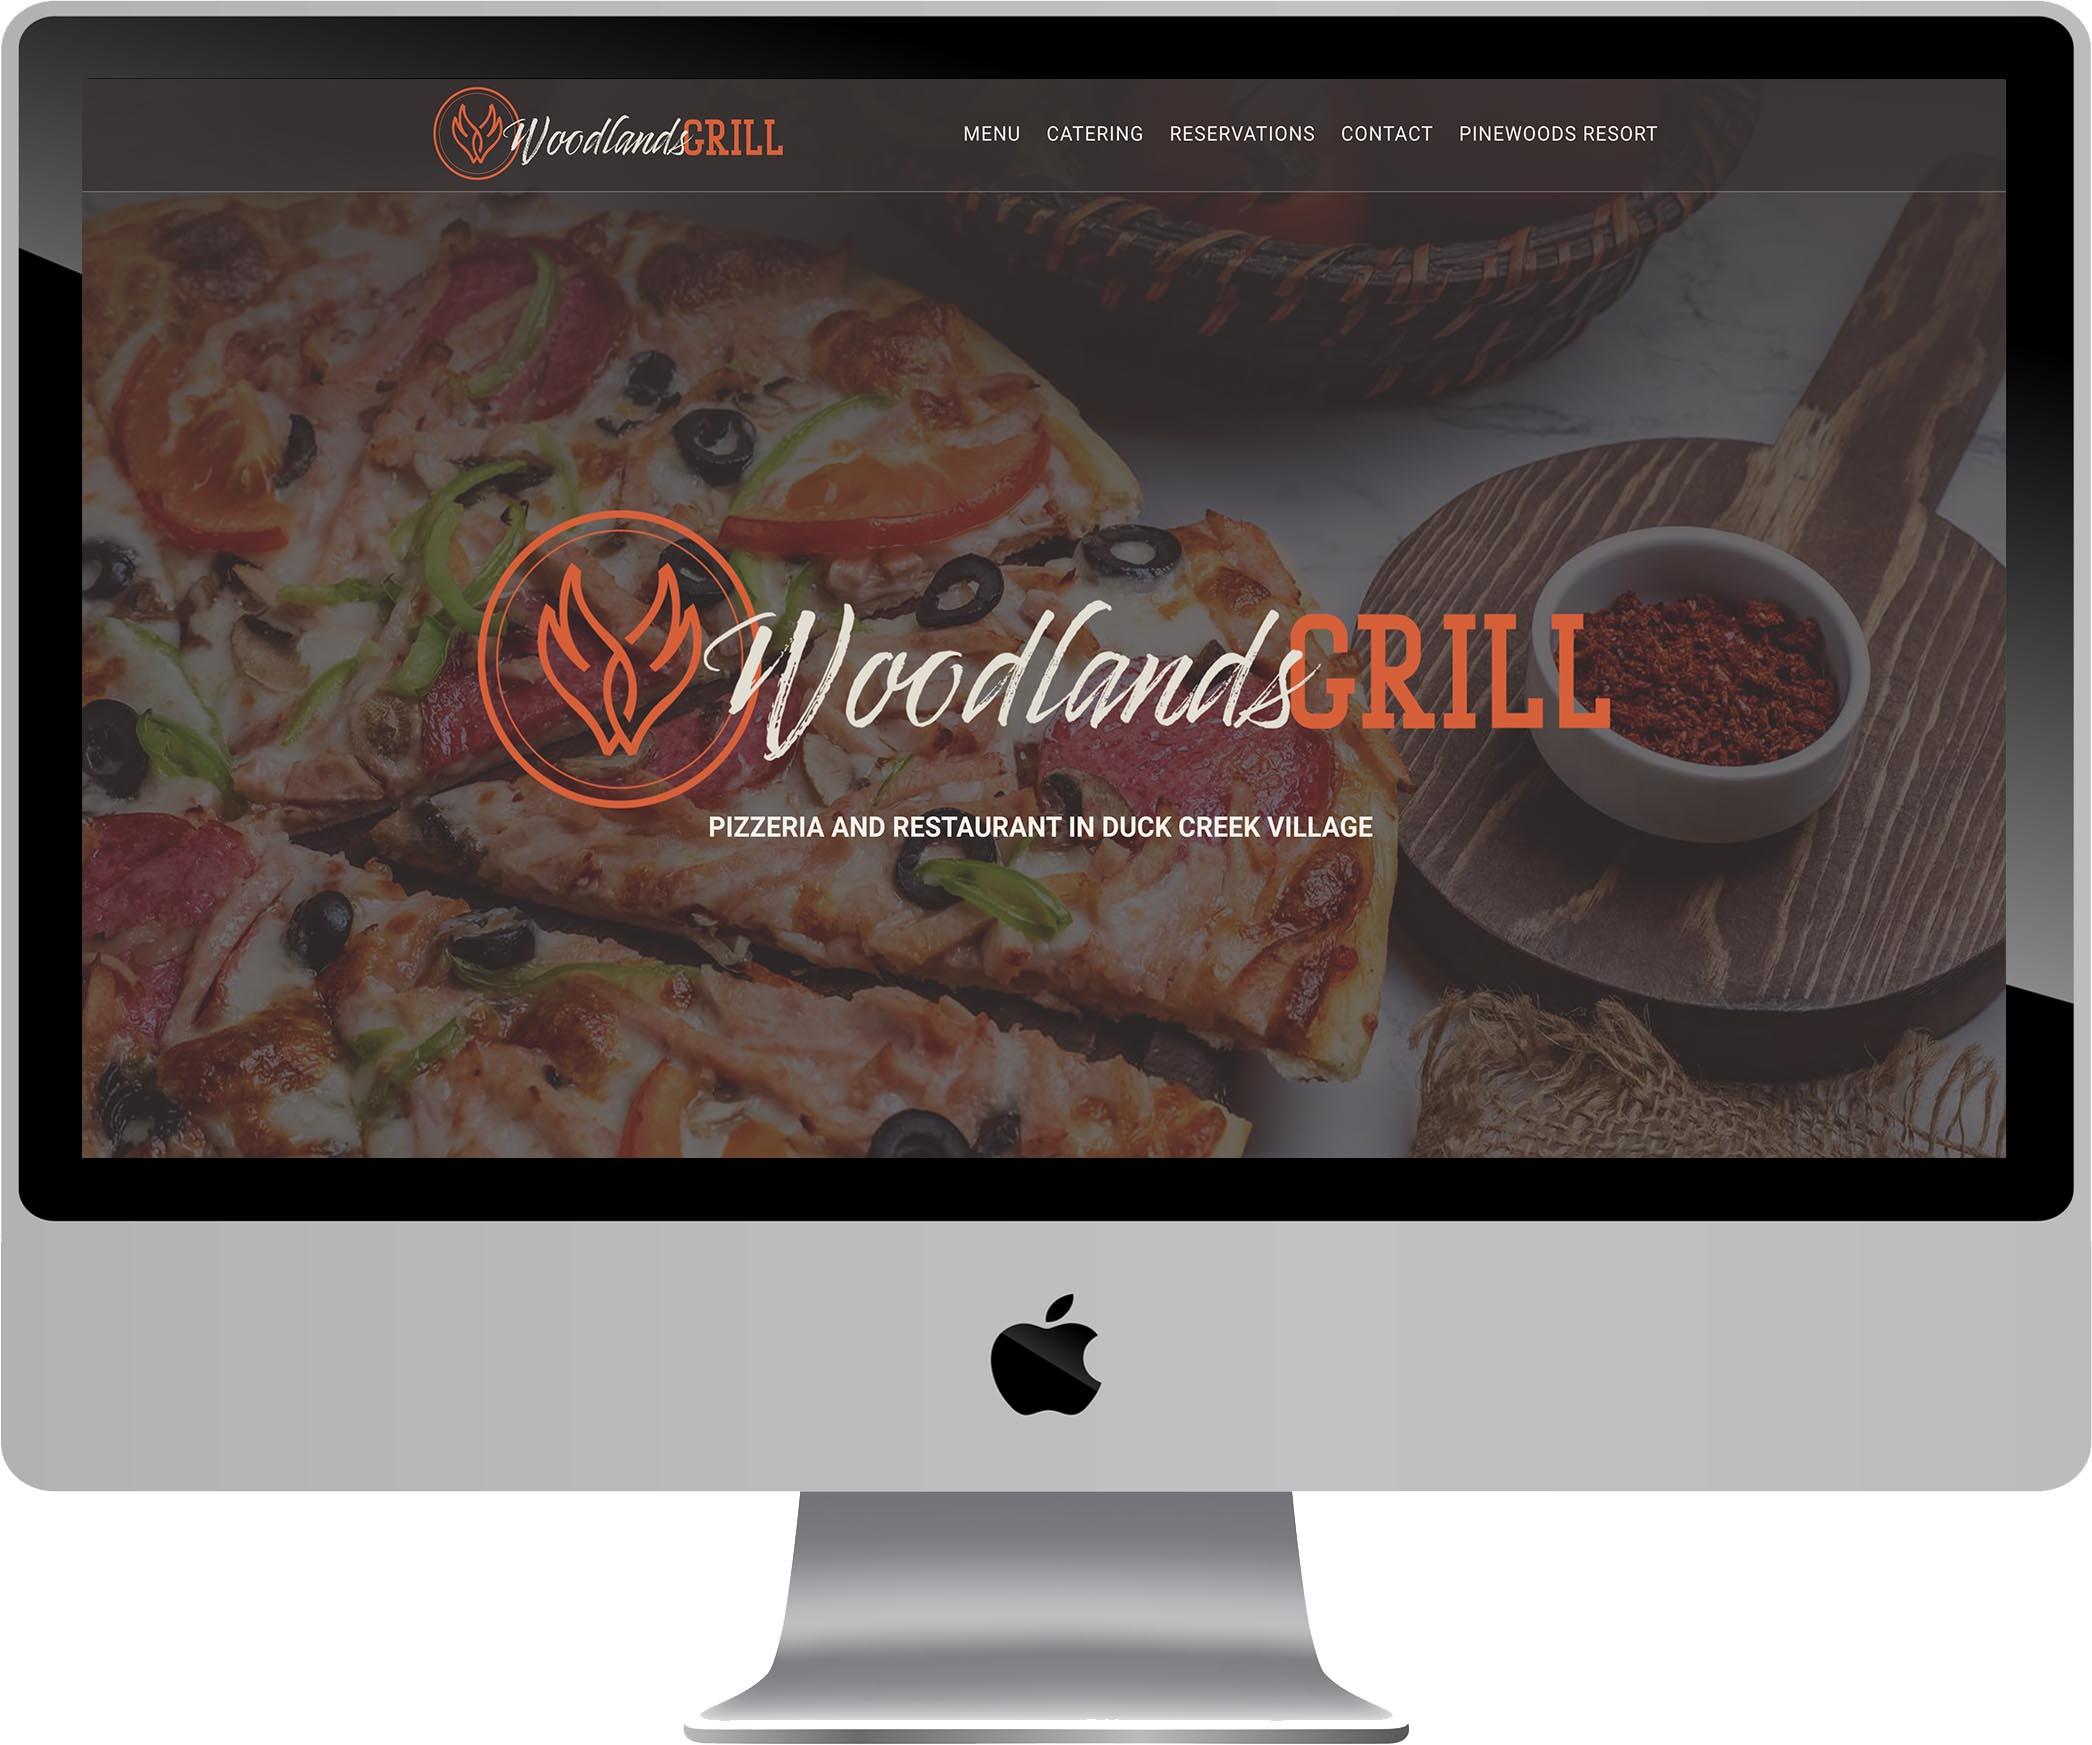 Woodlands Grill Website Design